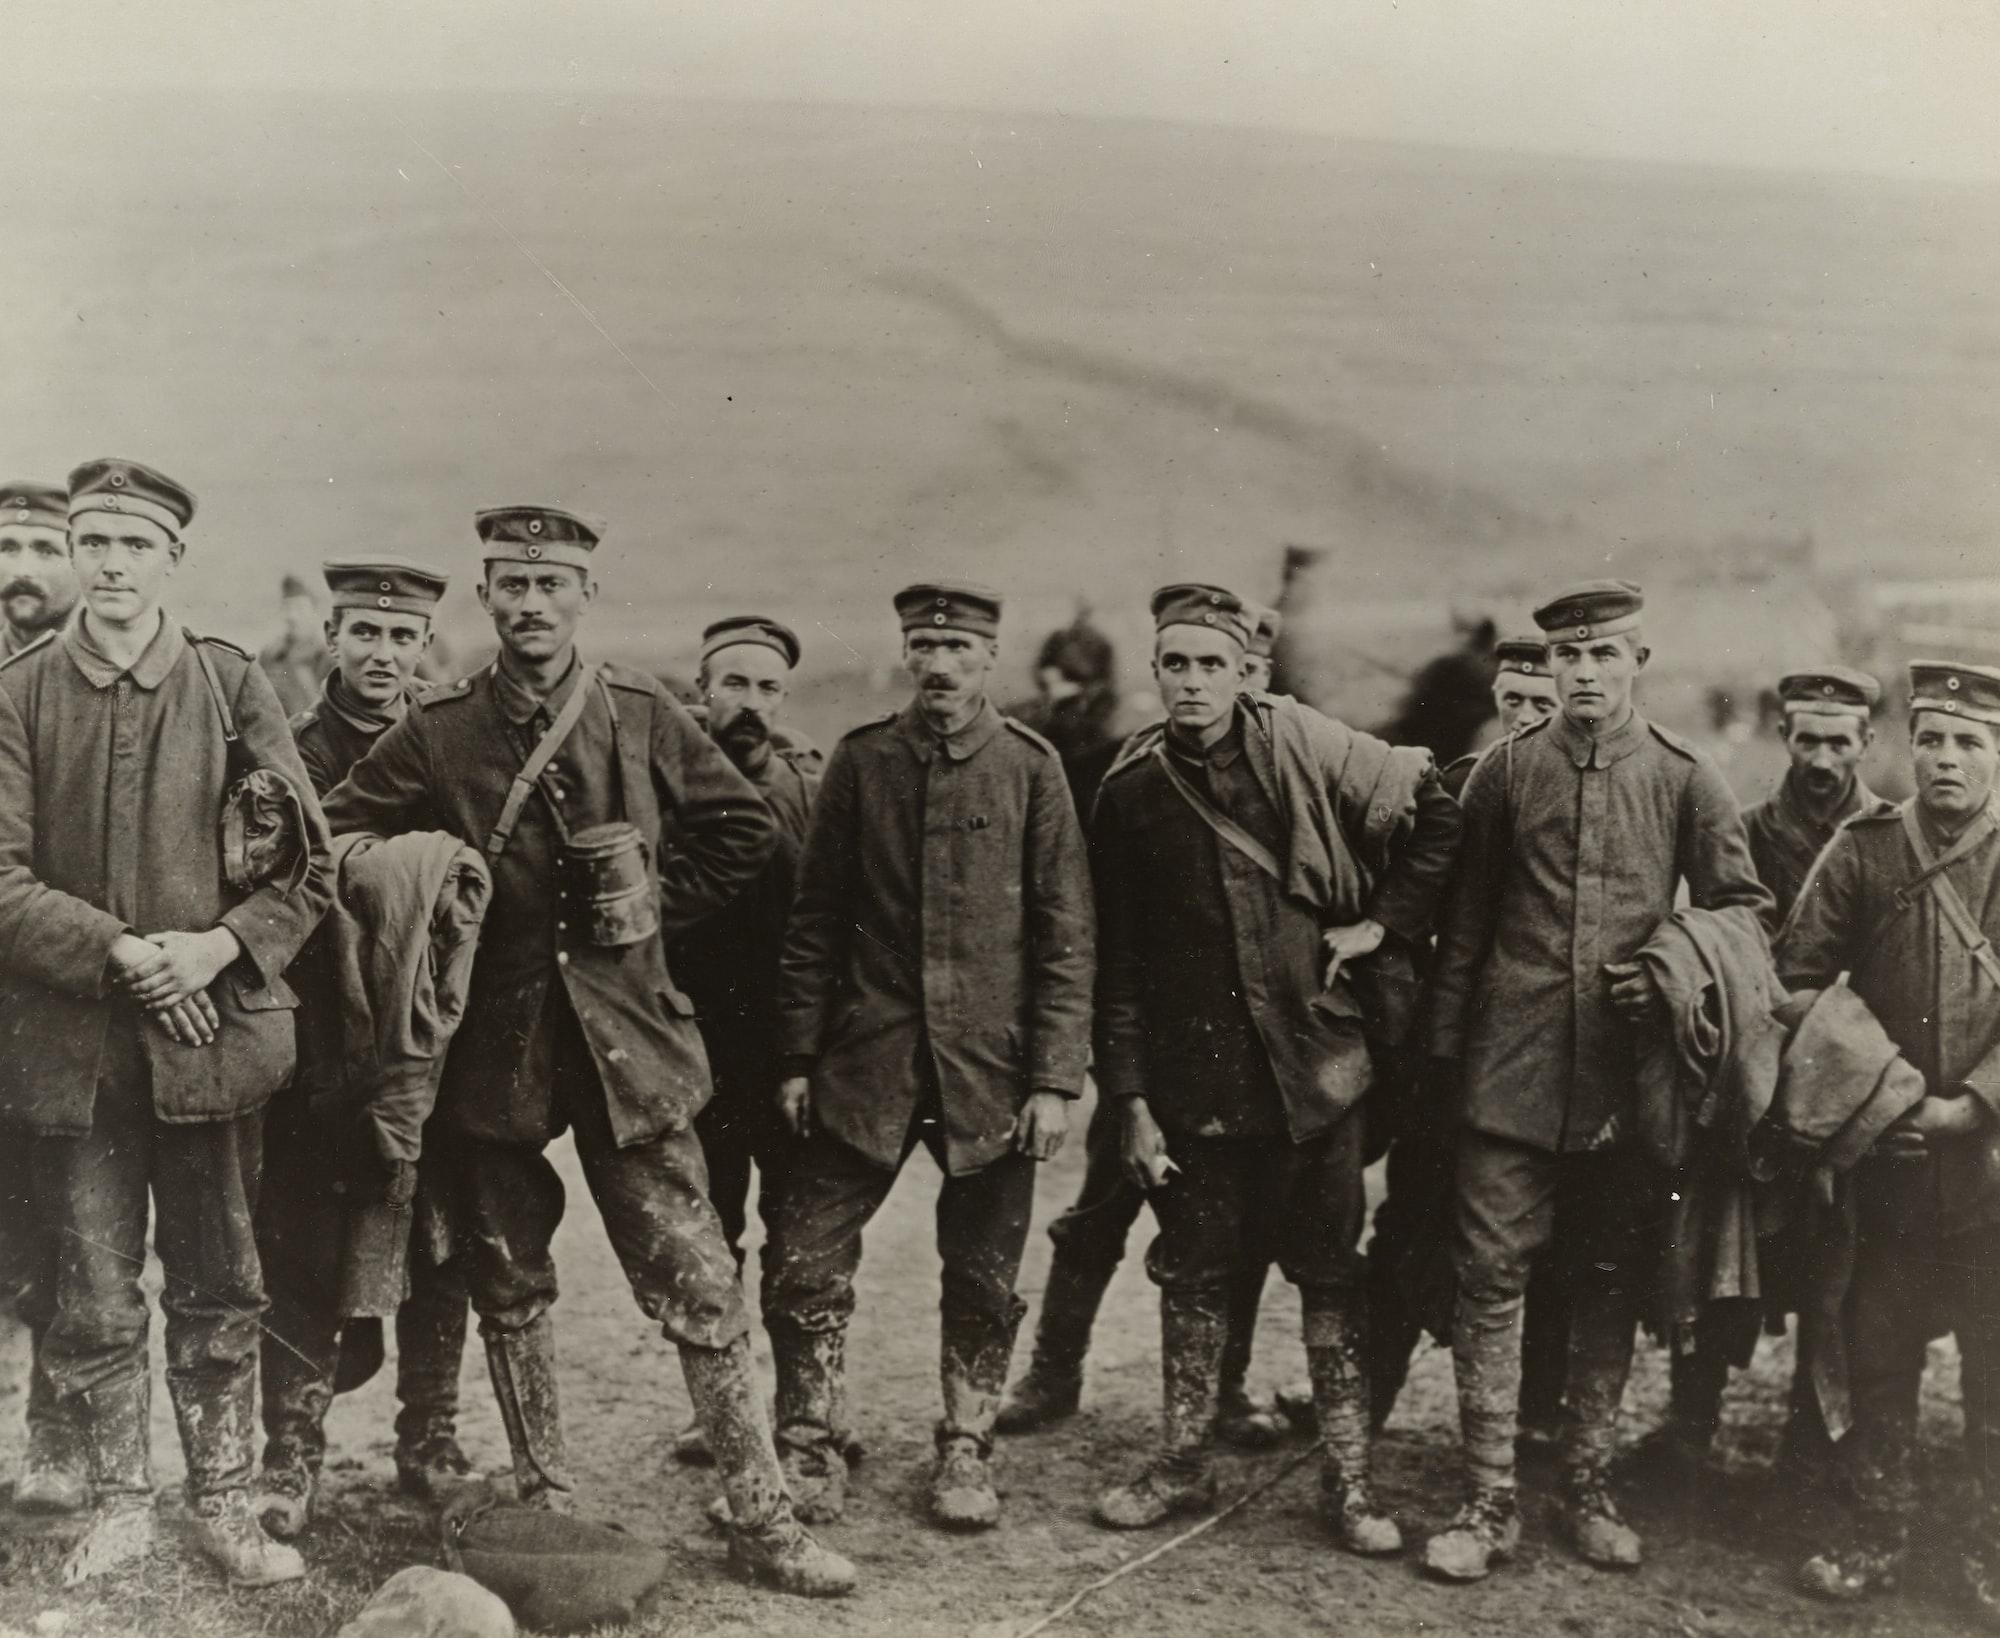 German prisoners in 1917